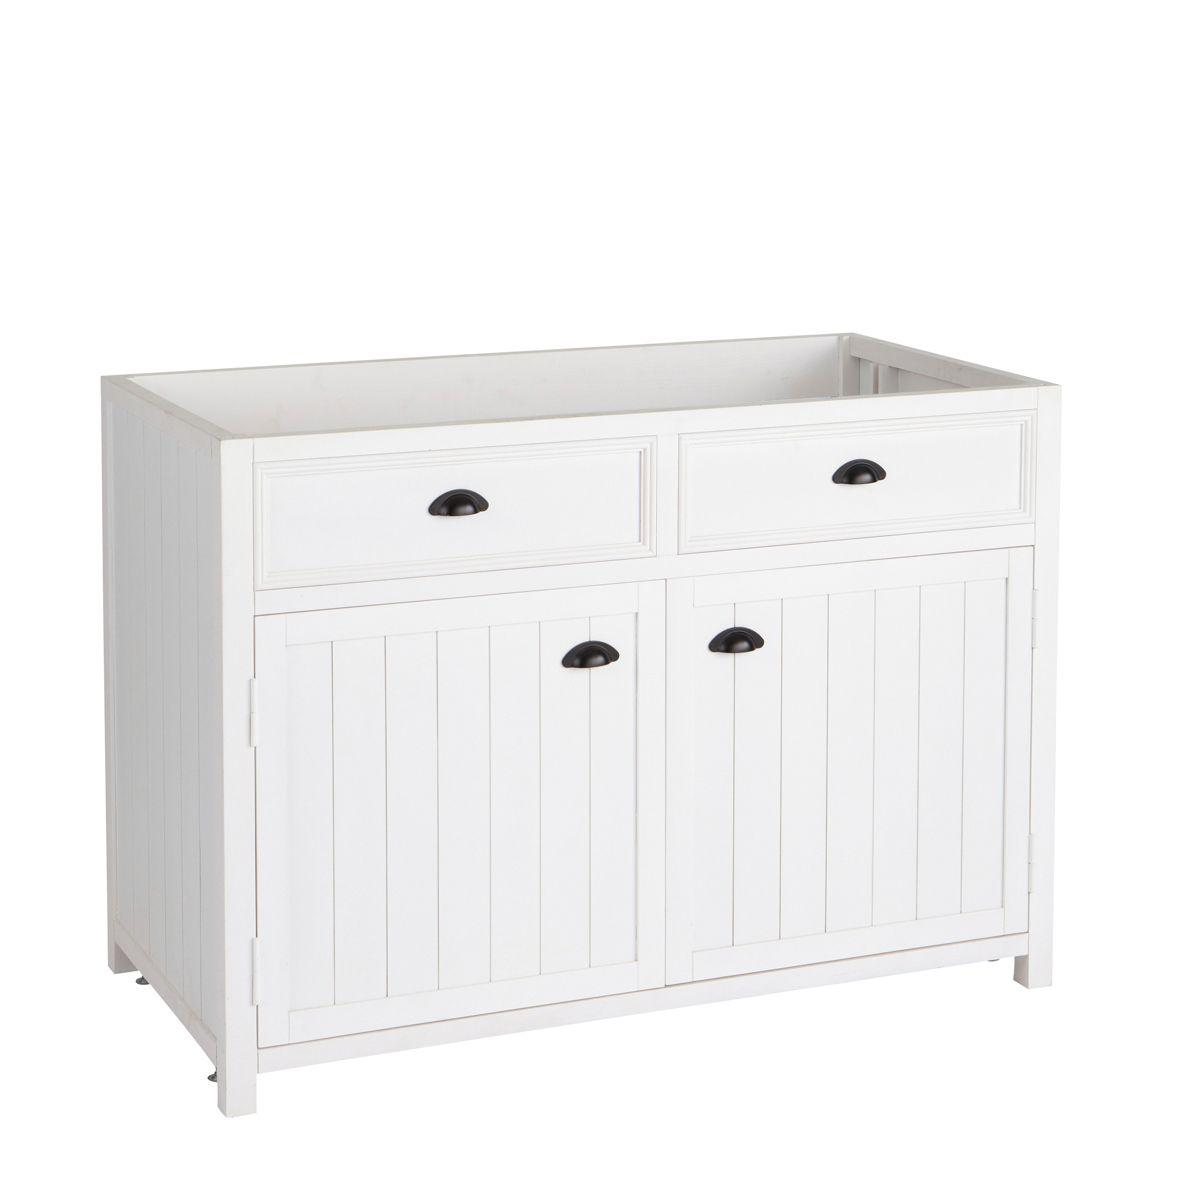 k chenunterschrank aus holz b120 wei k che pinterest k chen unterschrank unterschr nke. Black Bedroom Furniture Sets. Home Design Ideas